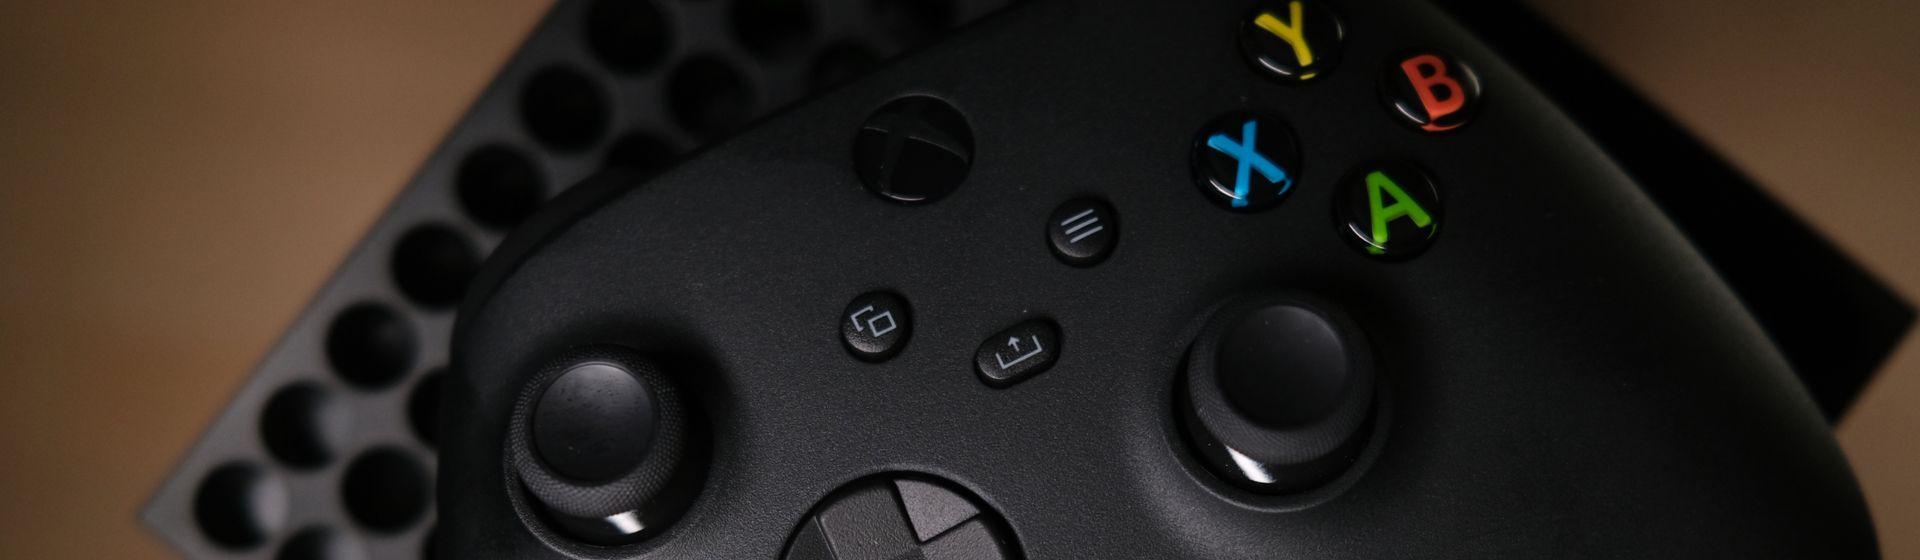 Xbox Series X e S têm o maior lançamento da história dos consoles